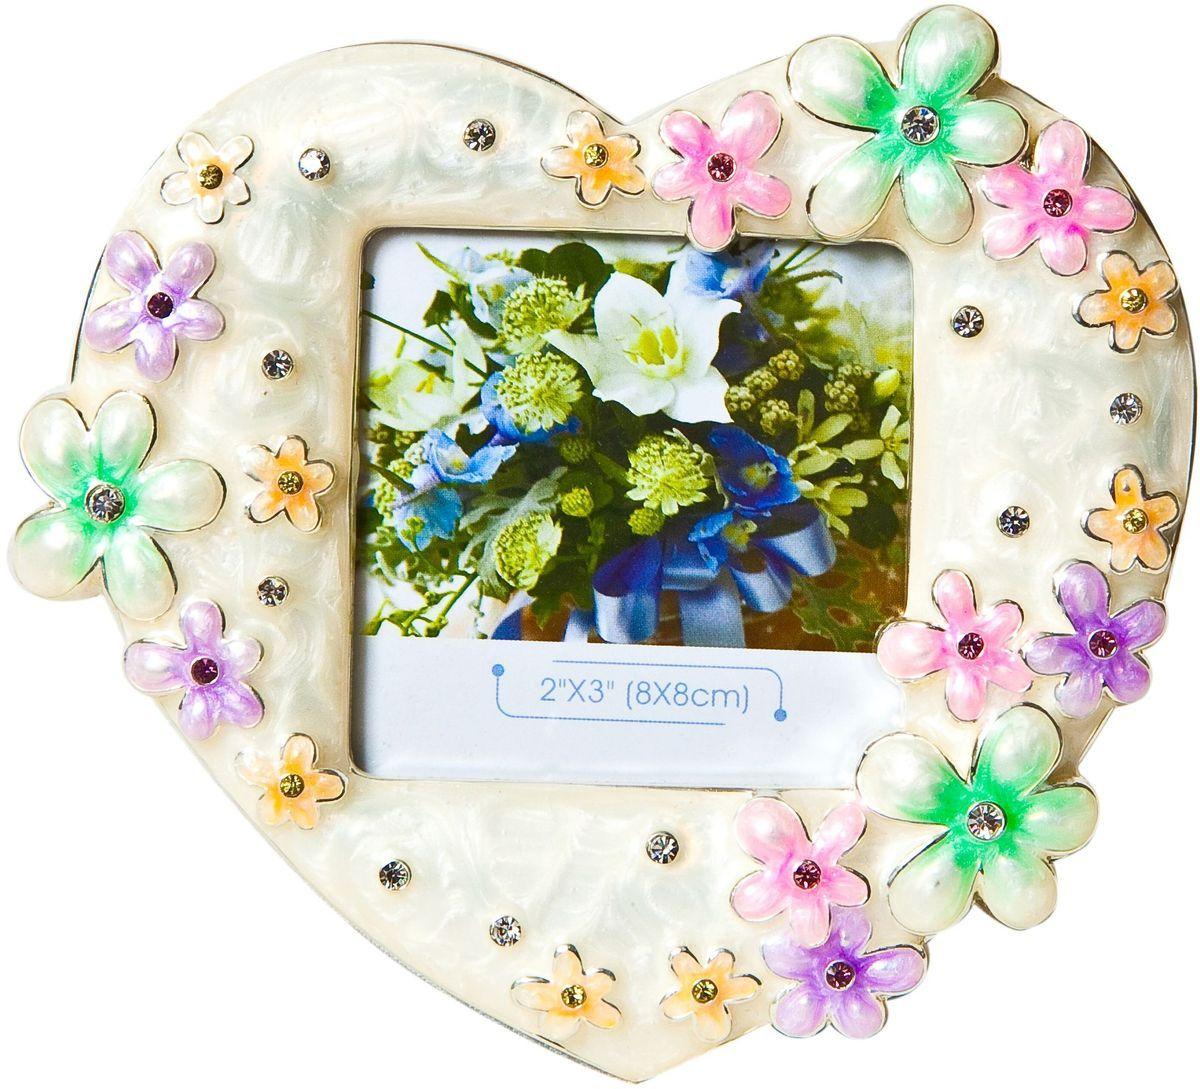 Фоторамка Platinum Цветы, цвет: розовый, 8 х 8 см. PF3274N-3PLATINUM PF3274N-3Декоративная фоторамка Platinum Цветы выполнена из металла в виде сердечка с цветочками. Фоторамка украшена стразами и декоративной глазурью. Изысканная и эффектная, эта потрясающая рамочка покорит своей красотой и изумительным качеством исполнения. Фоторамка подходит для фотографий 8 х 8 см. Общий размер фоторамки: 13,5 х 2 х 12,5 см.